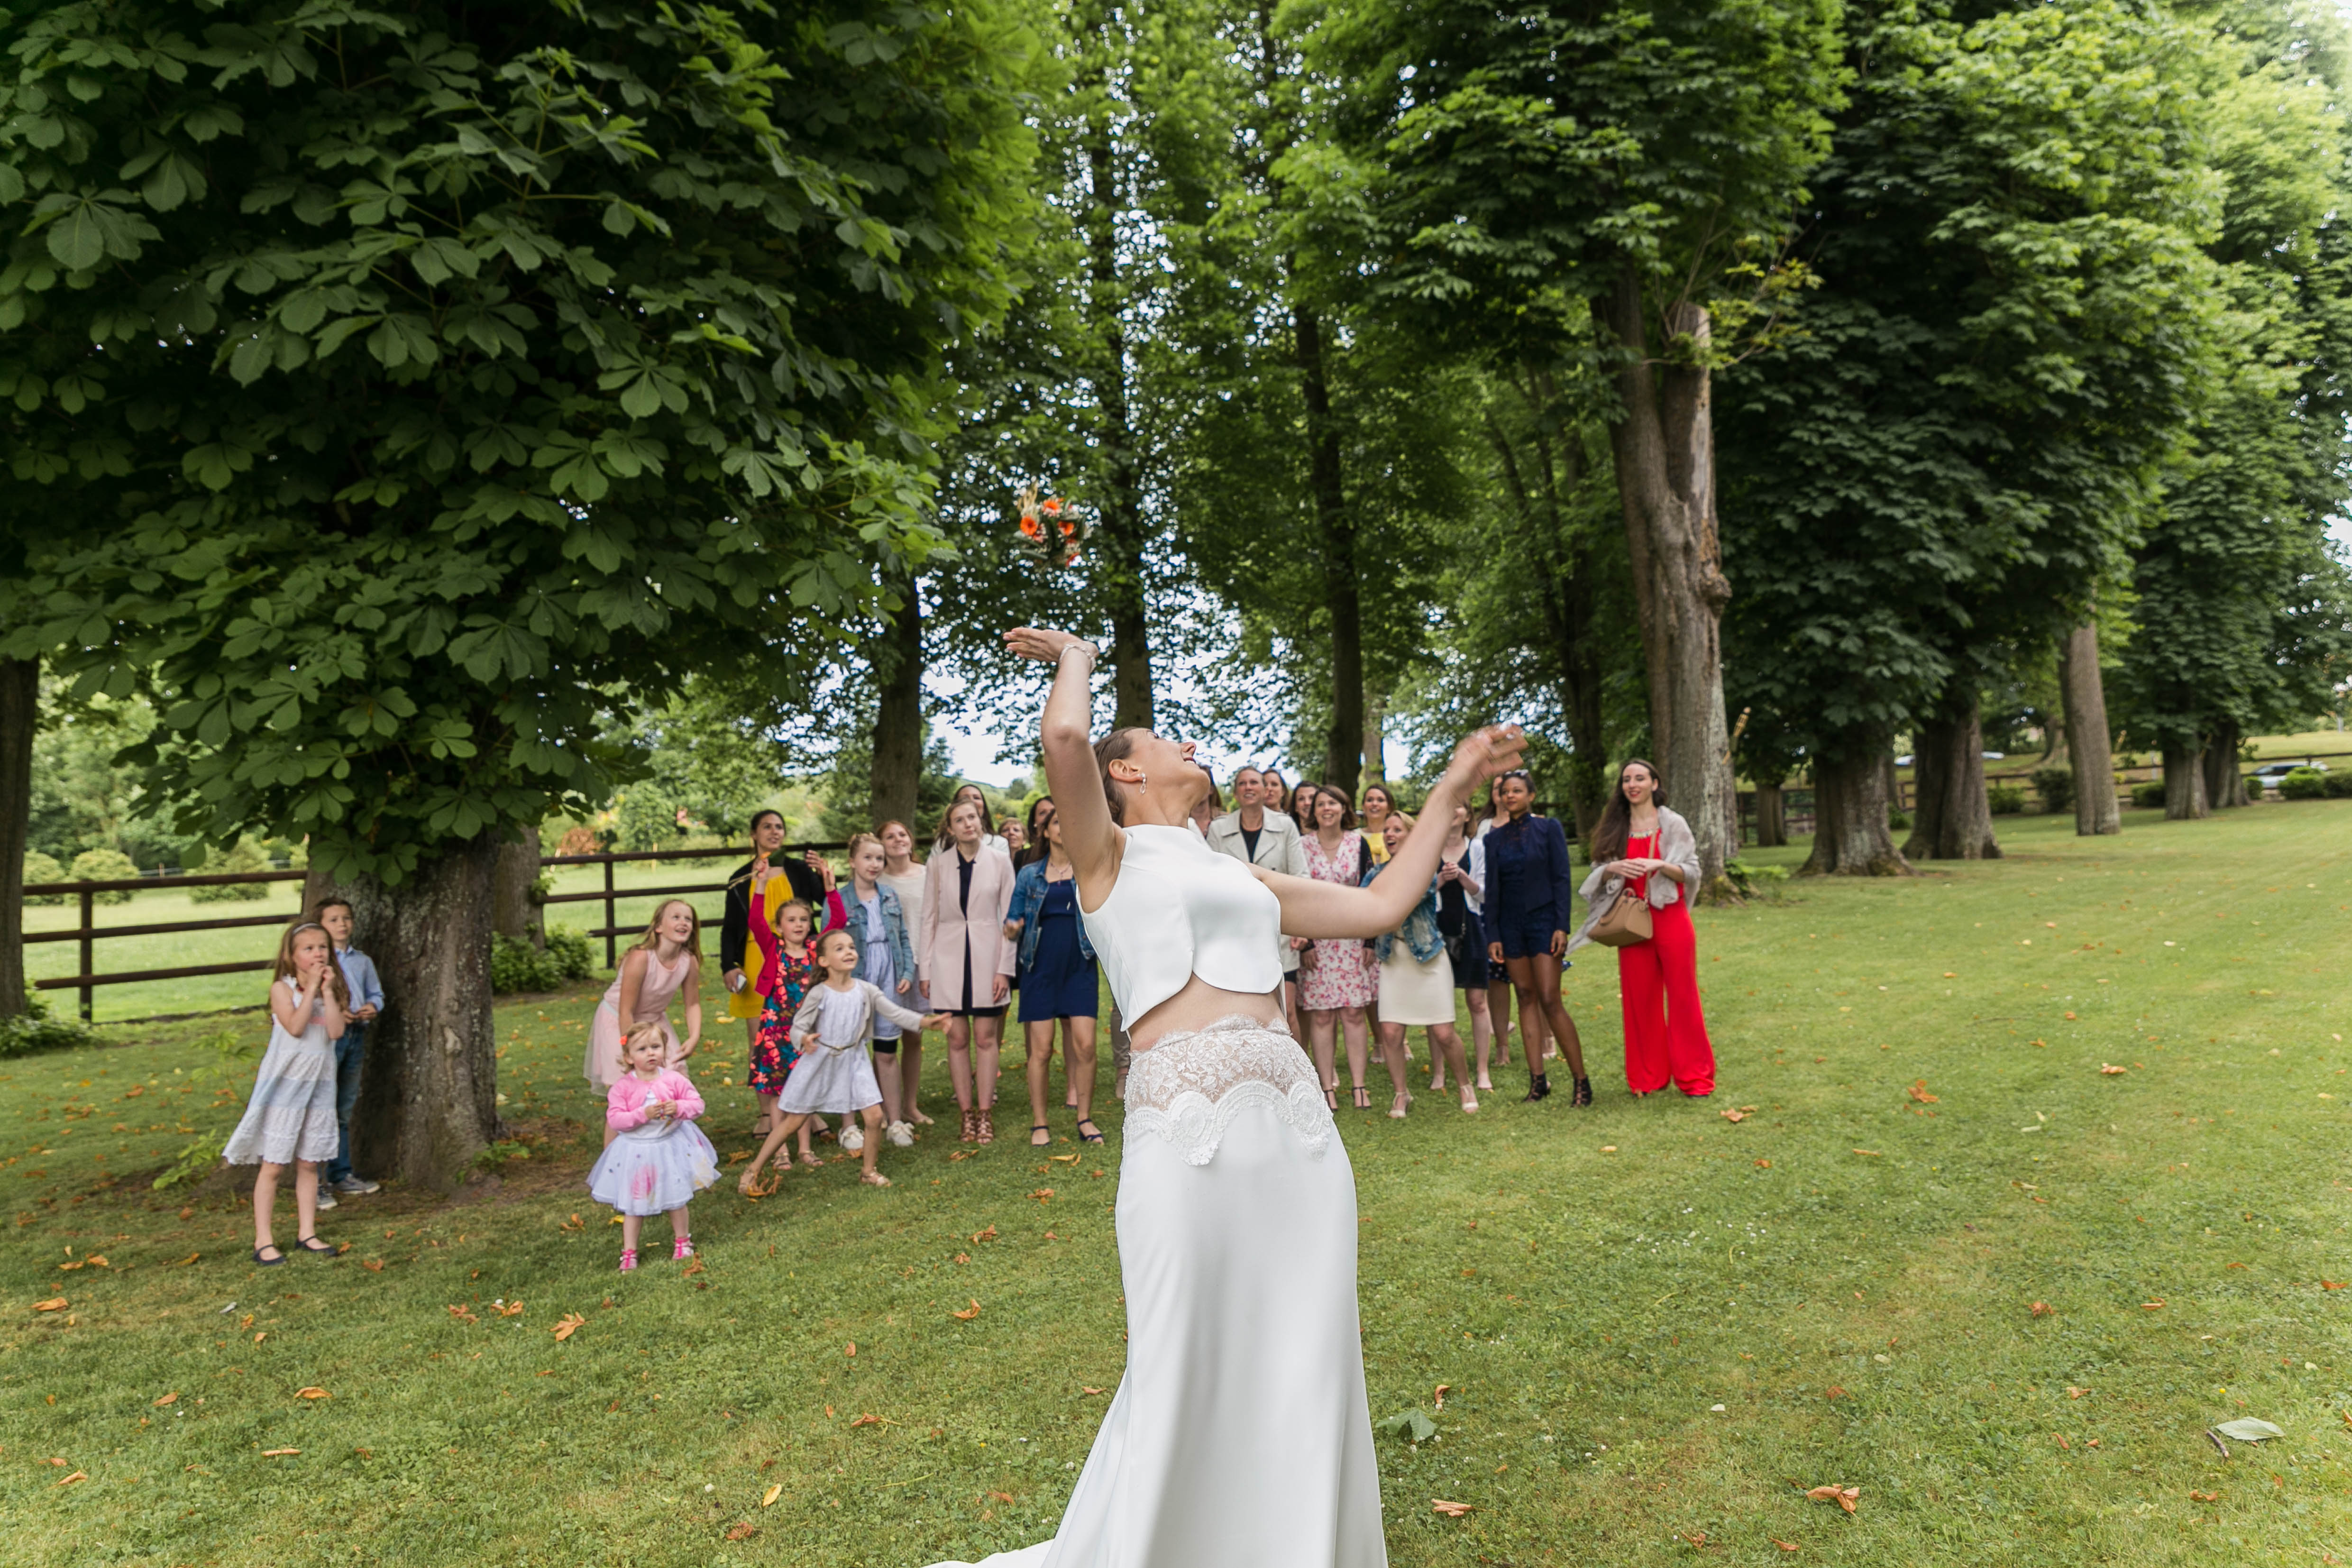 Mariage au chateau de rebreuve ranchicourt-nord pas de calais-Nord-bouquet mariée